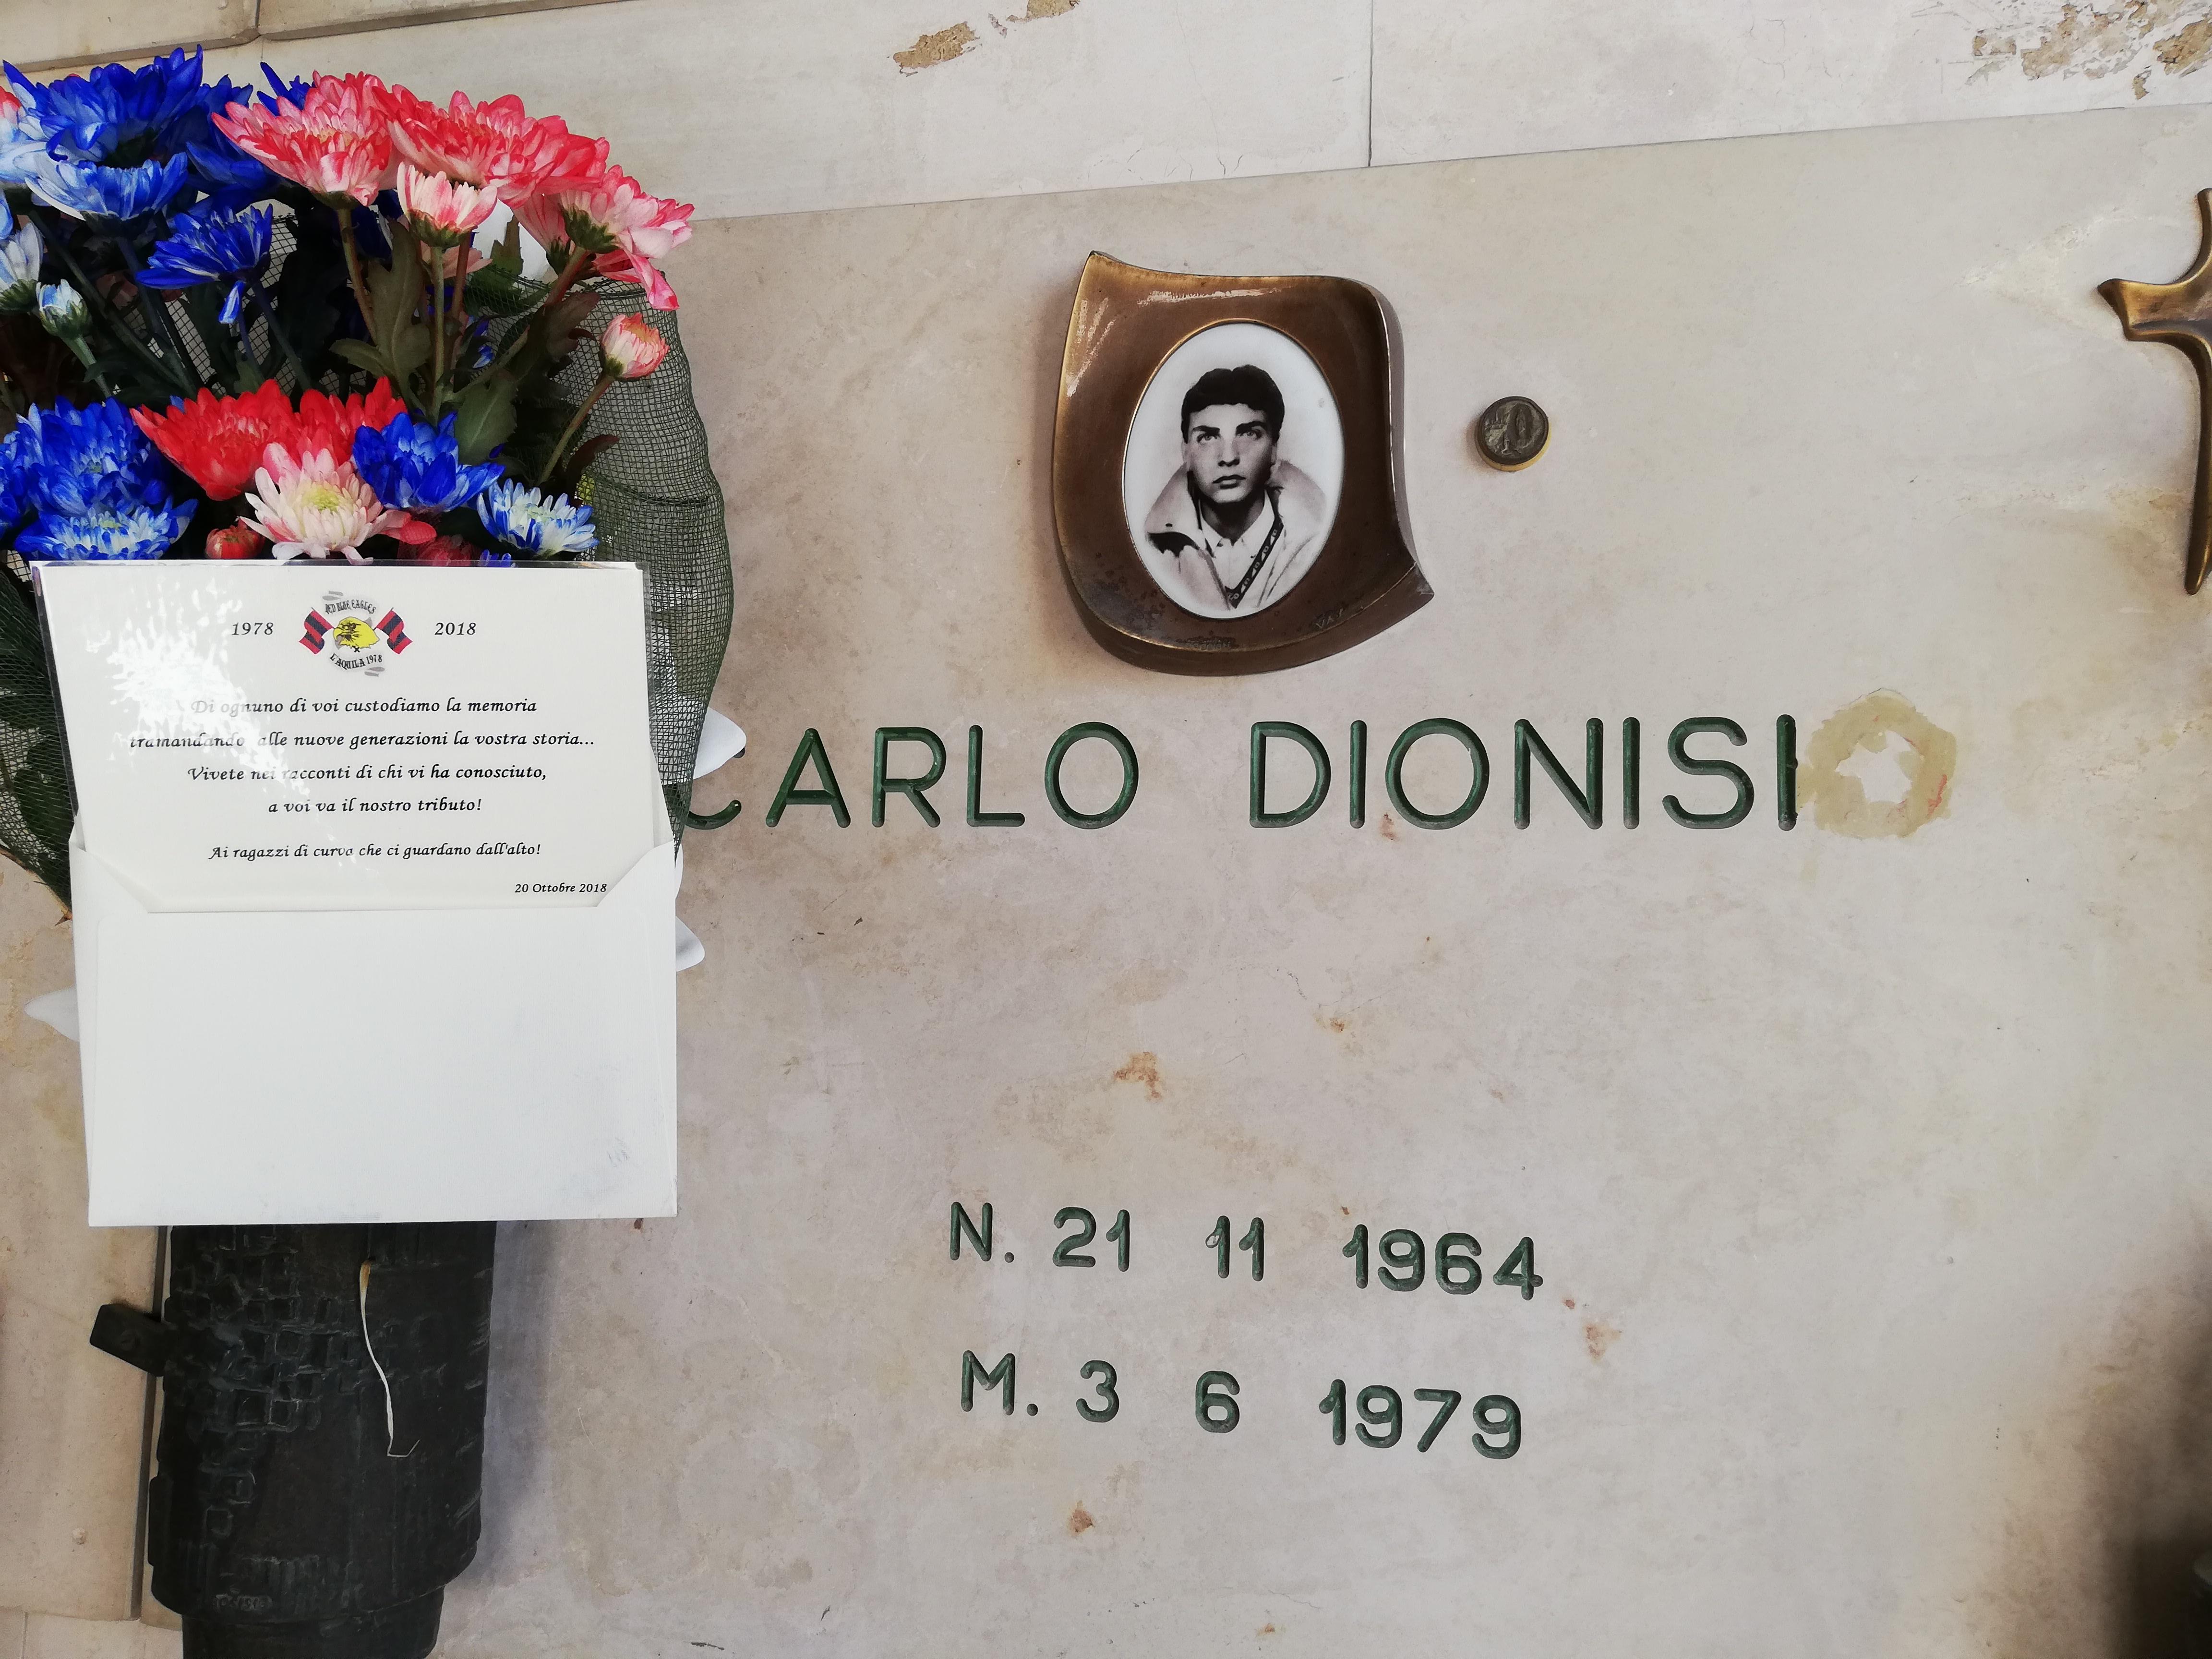 In memoria di Carlo Dionisi Sabato 20 Ottobre 2018 in occasione dei 40 anni Red Blue Eagles L'Aquila 1978